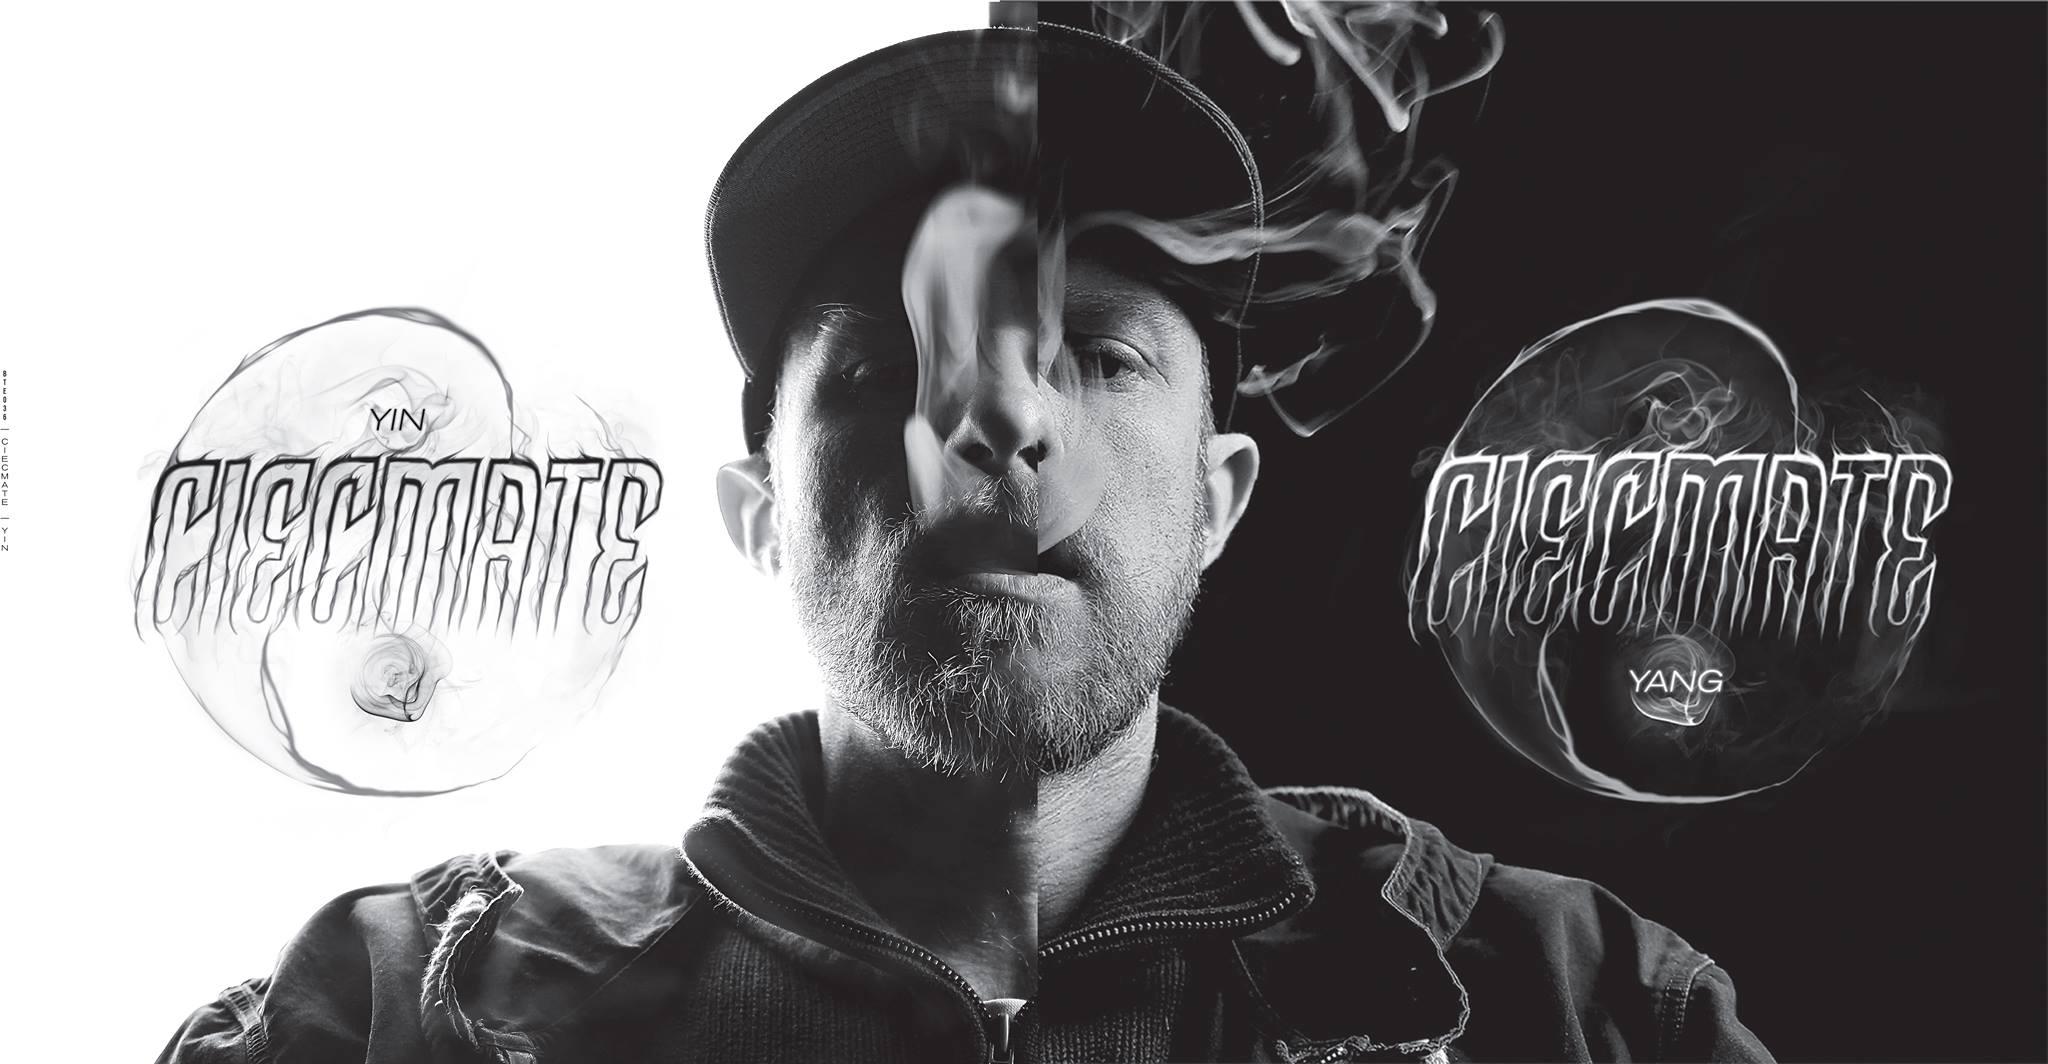 Australian Rapper Ciecmate